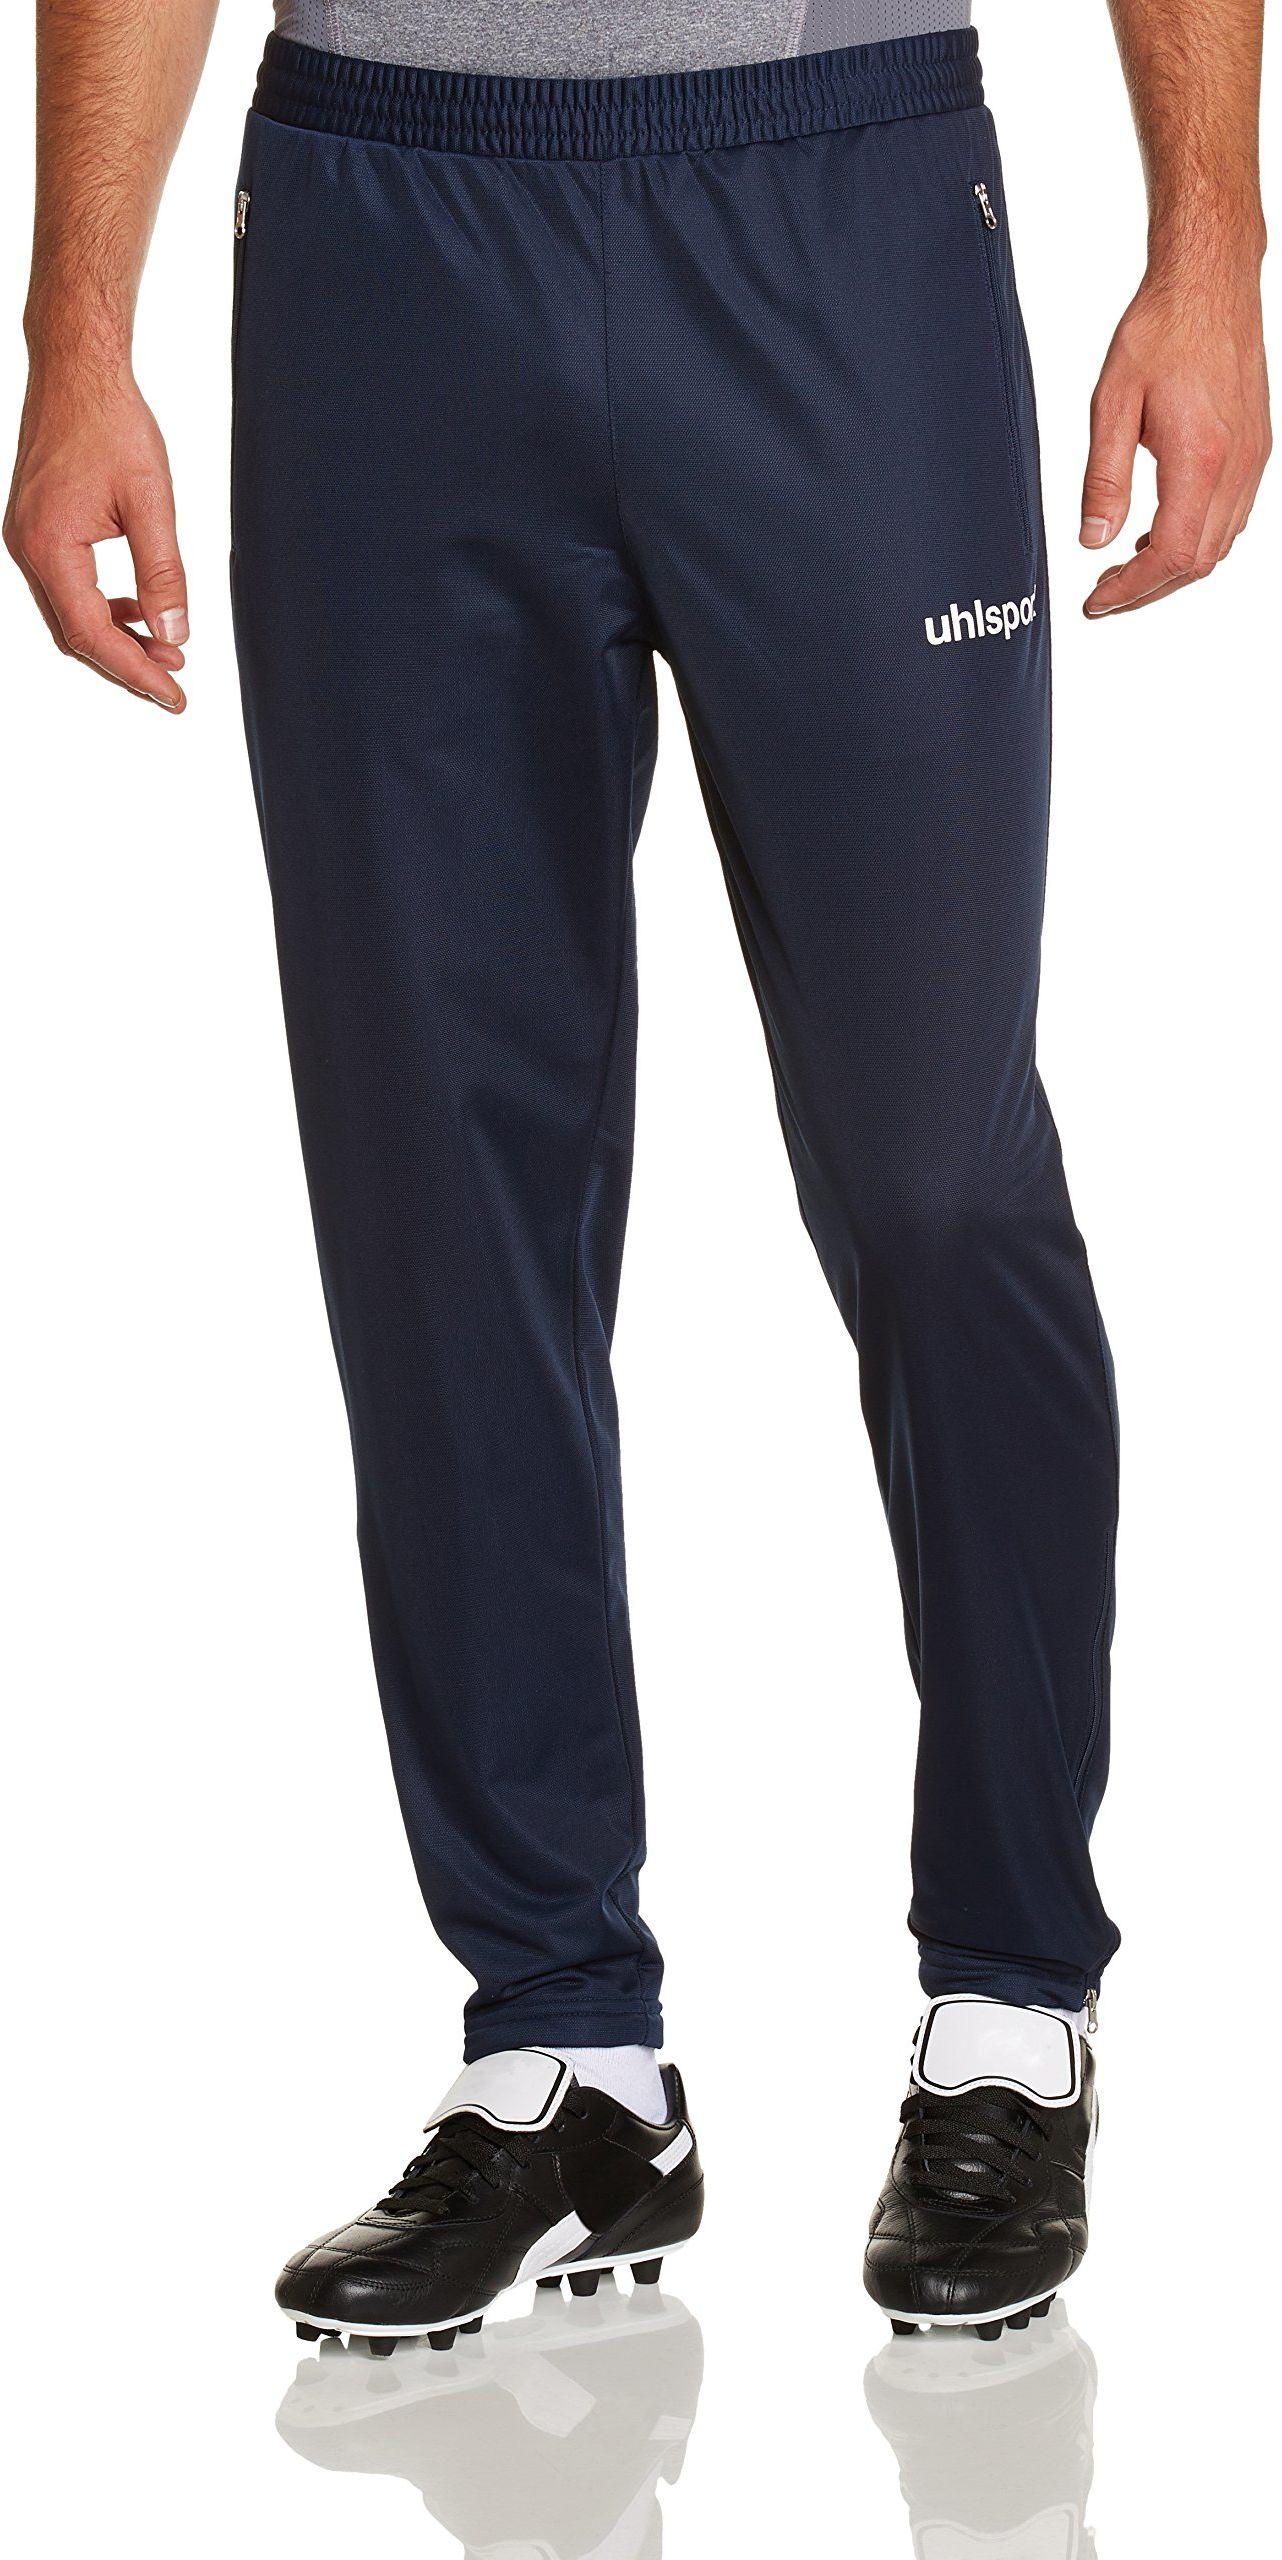 Uhlsport Classic spodnie niebieski morski/biały/błękitny M